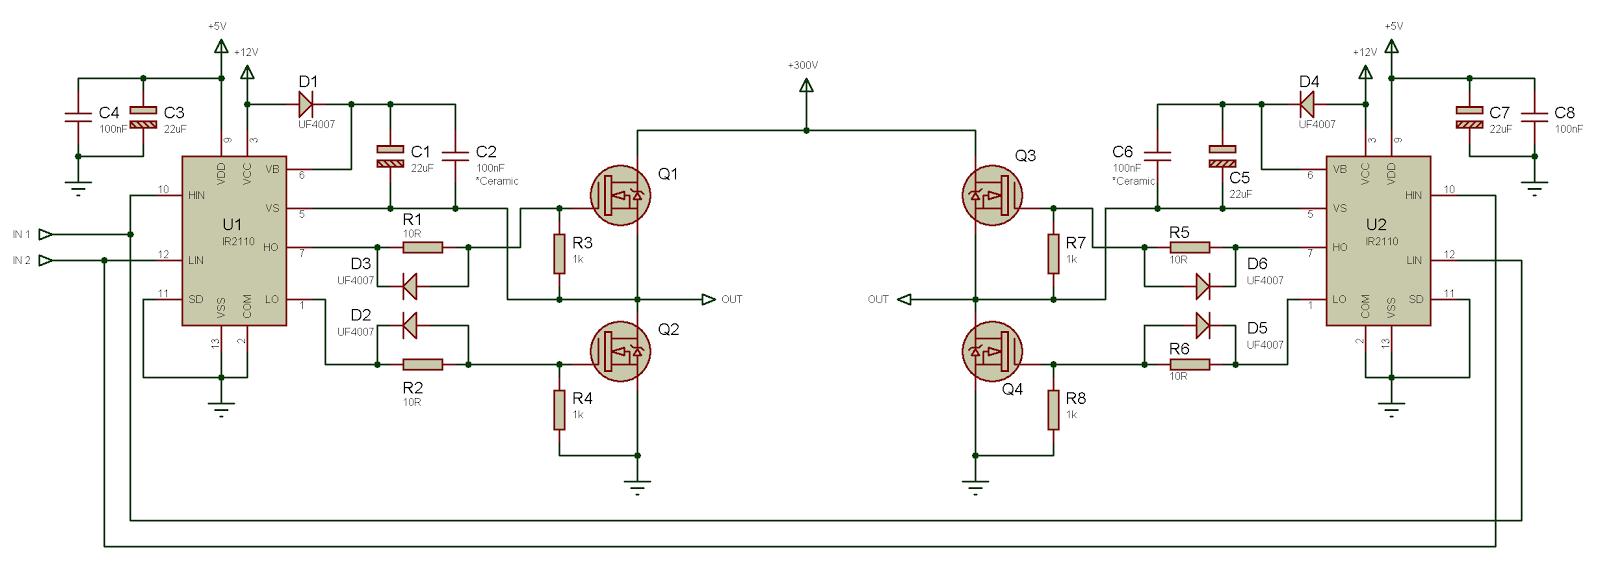 простая схема подключения полевого транзистора